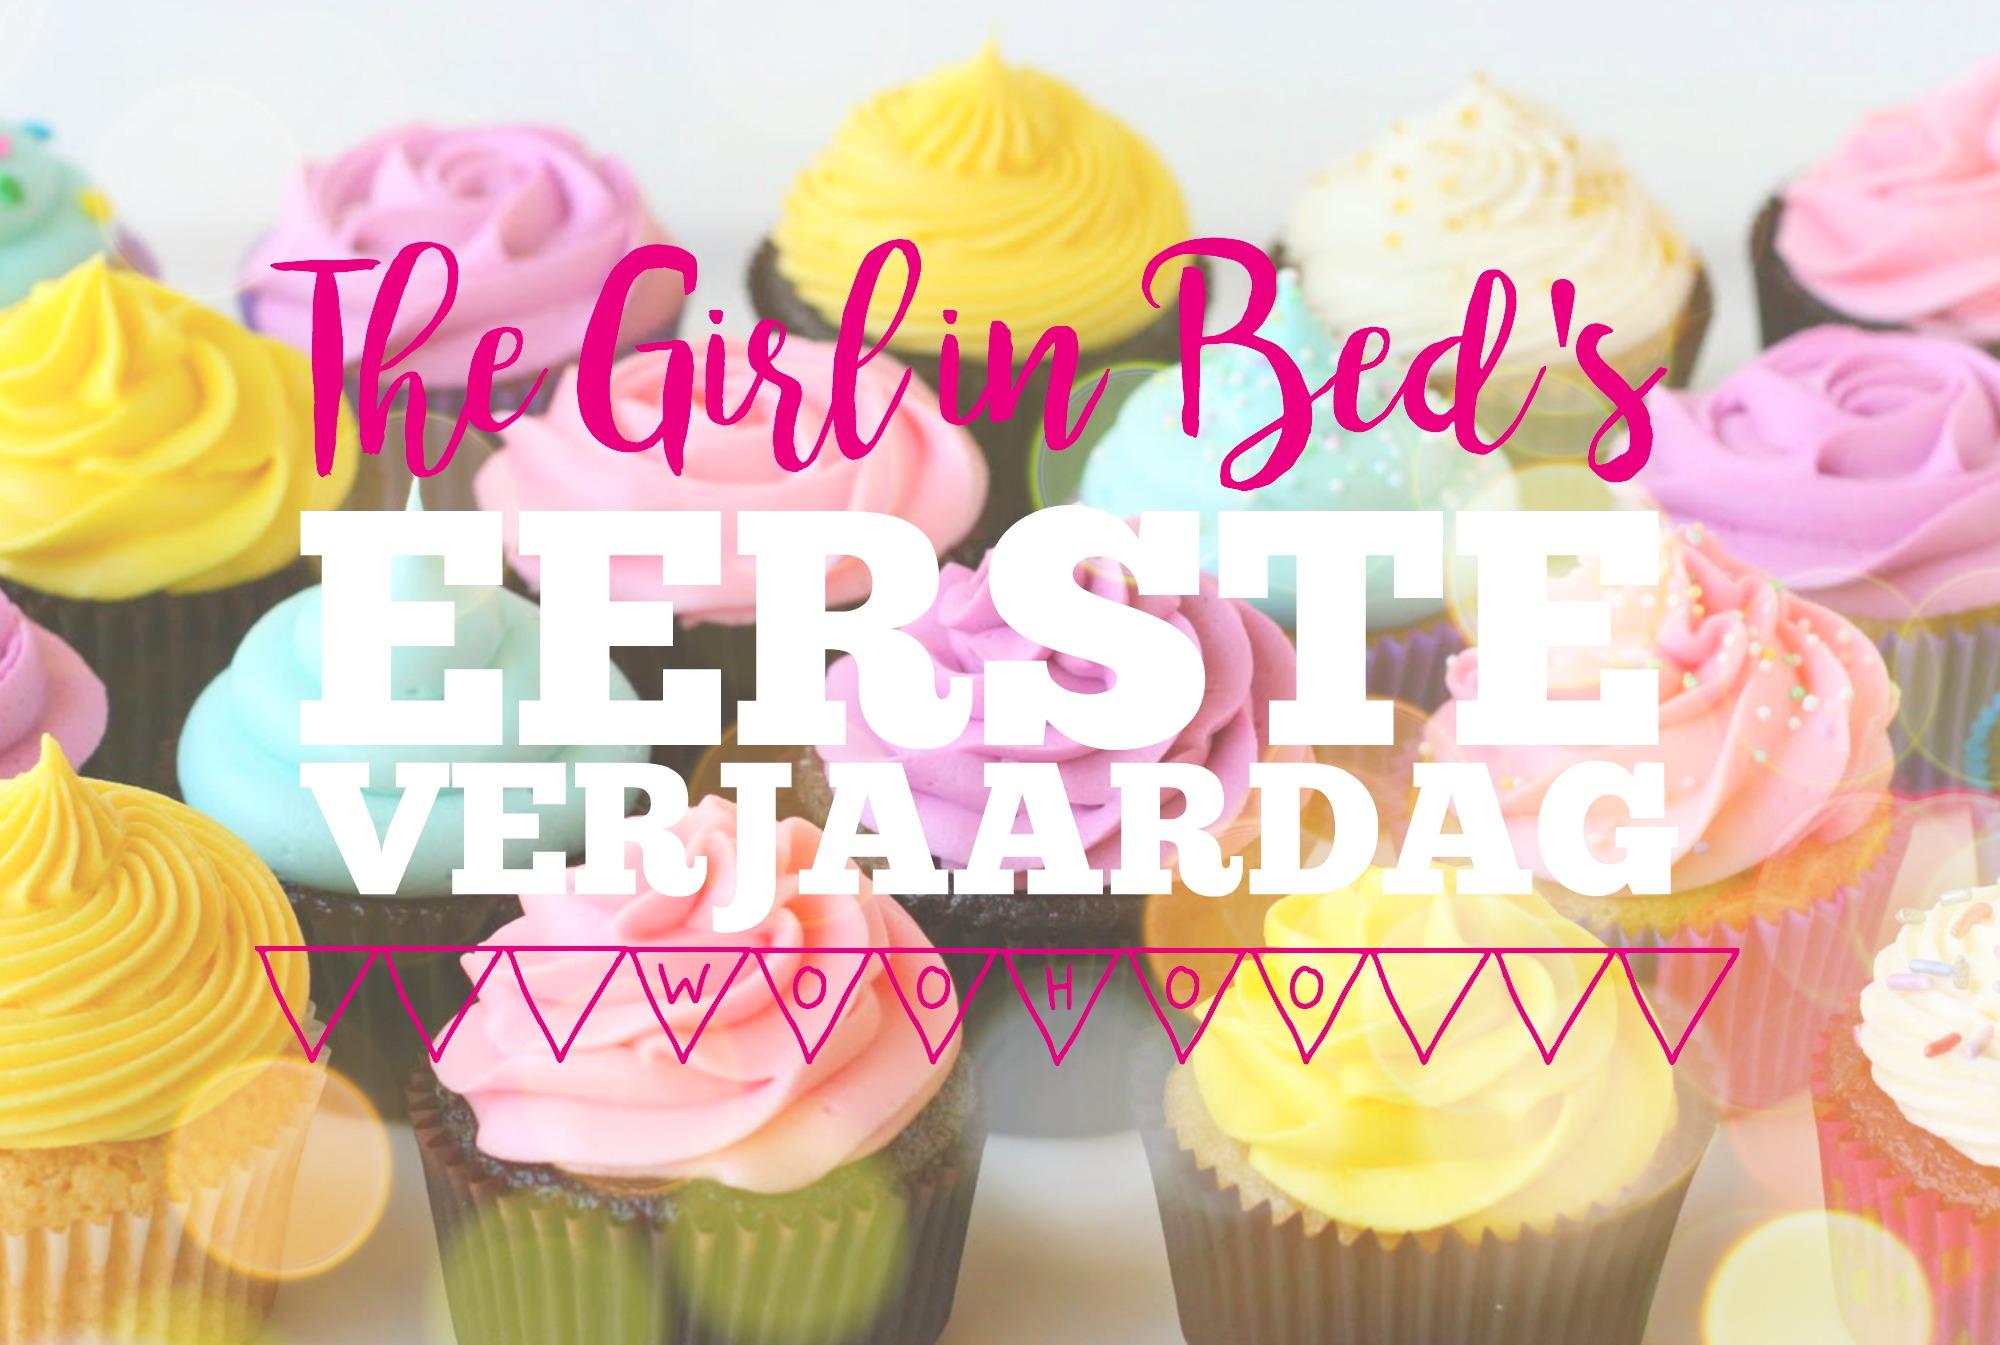 The Girl in Bed's eerste verjaardag + winactie